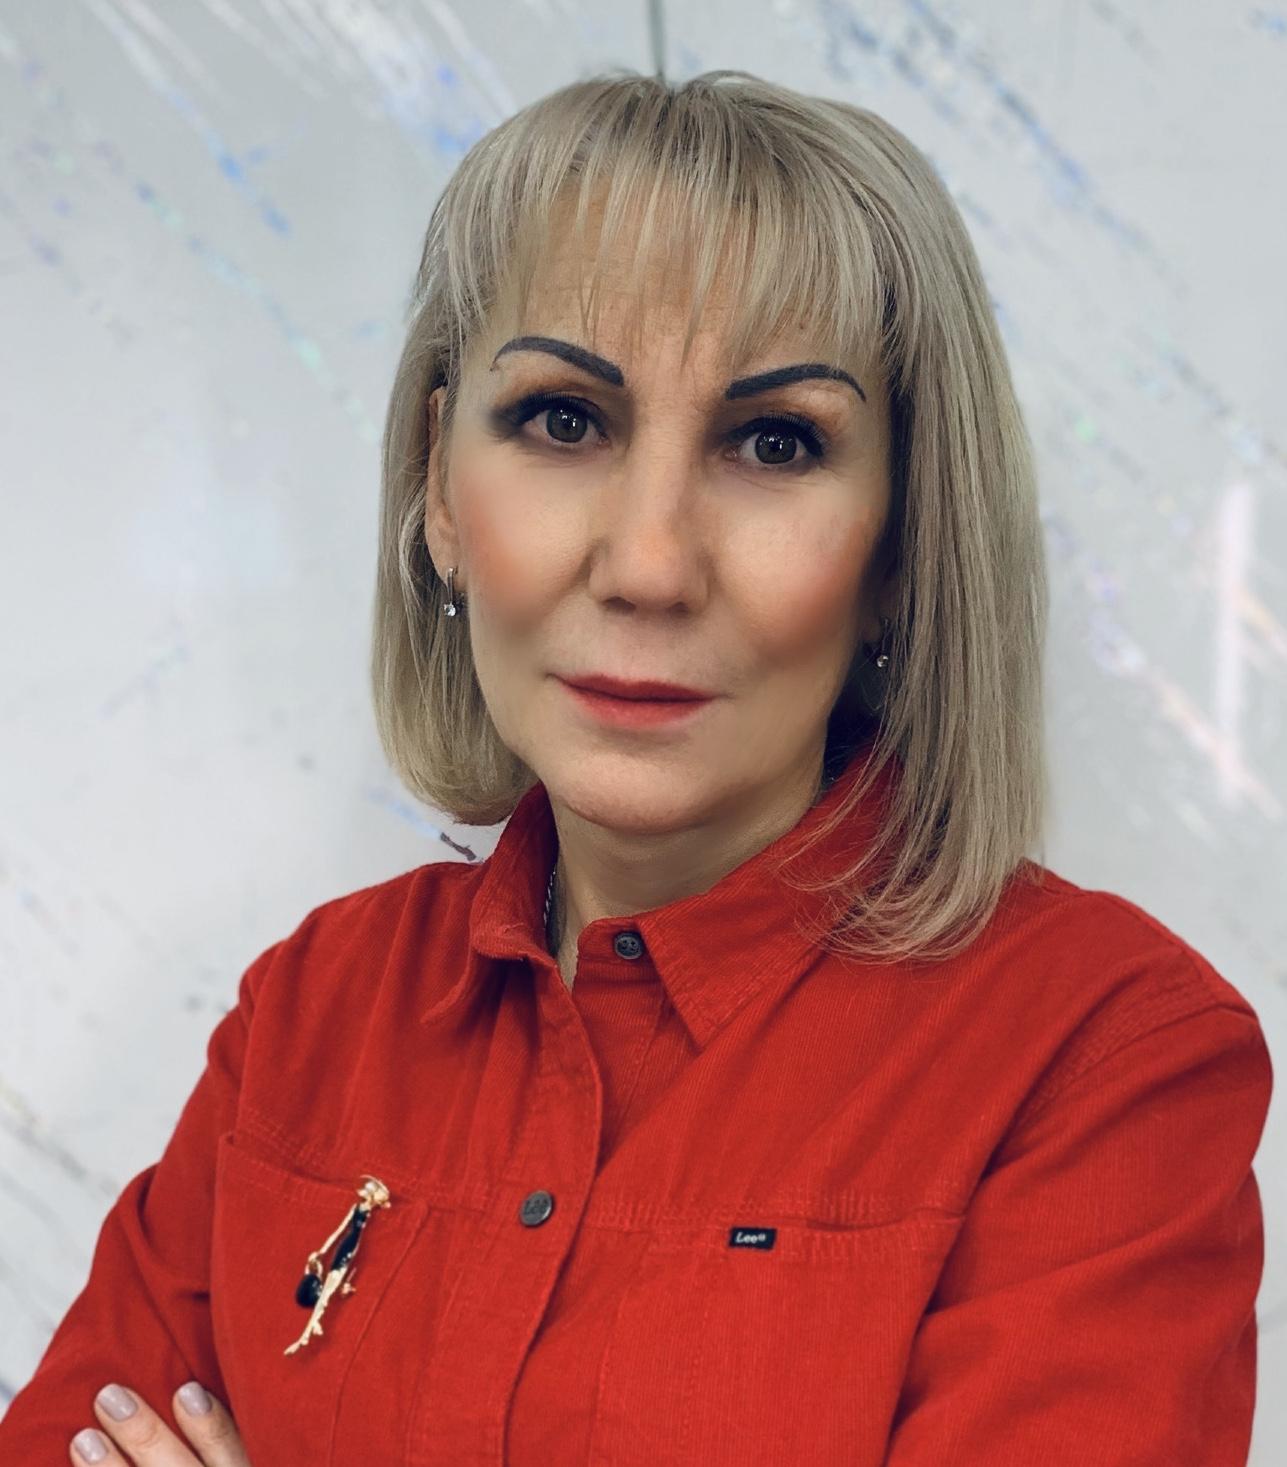 Марина Леонович: Регион помог в воплощении социального проекта, о котором я давно мечтала